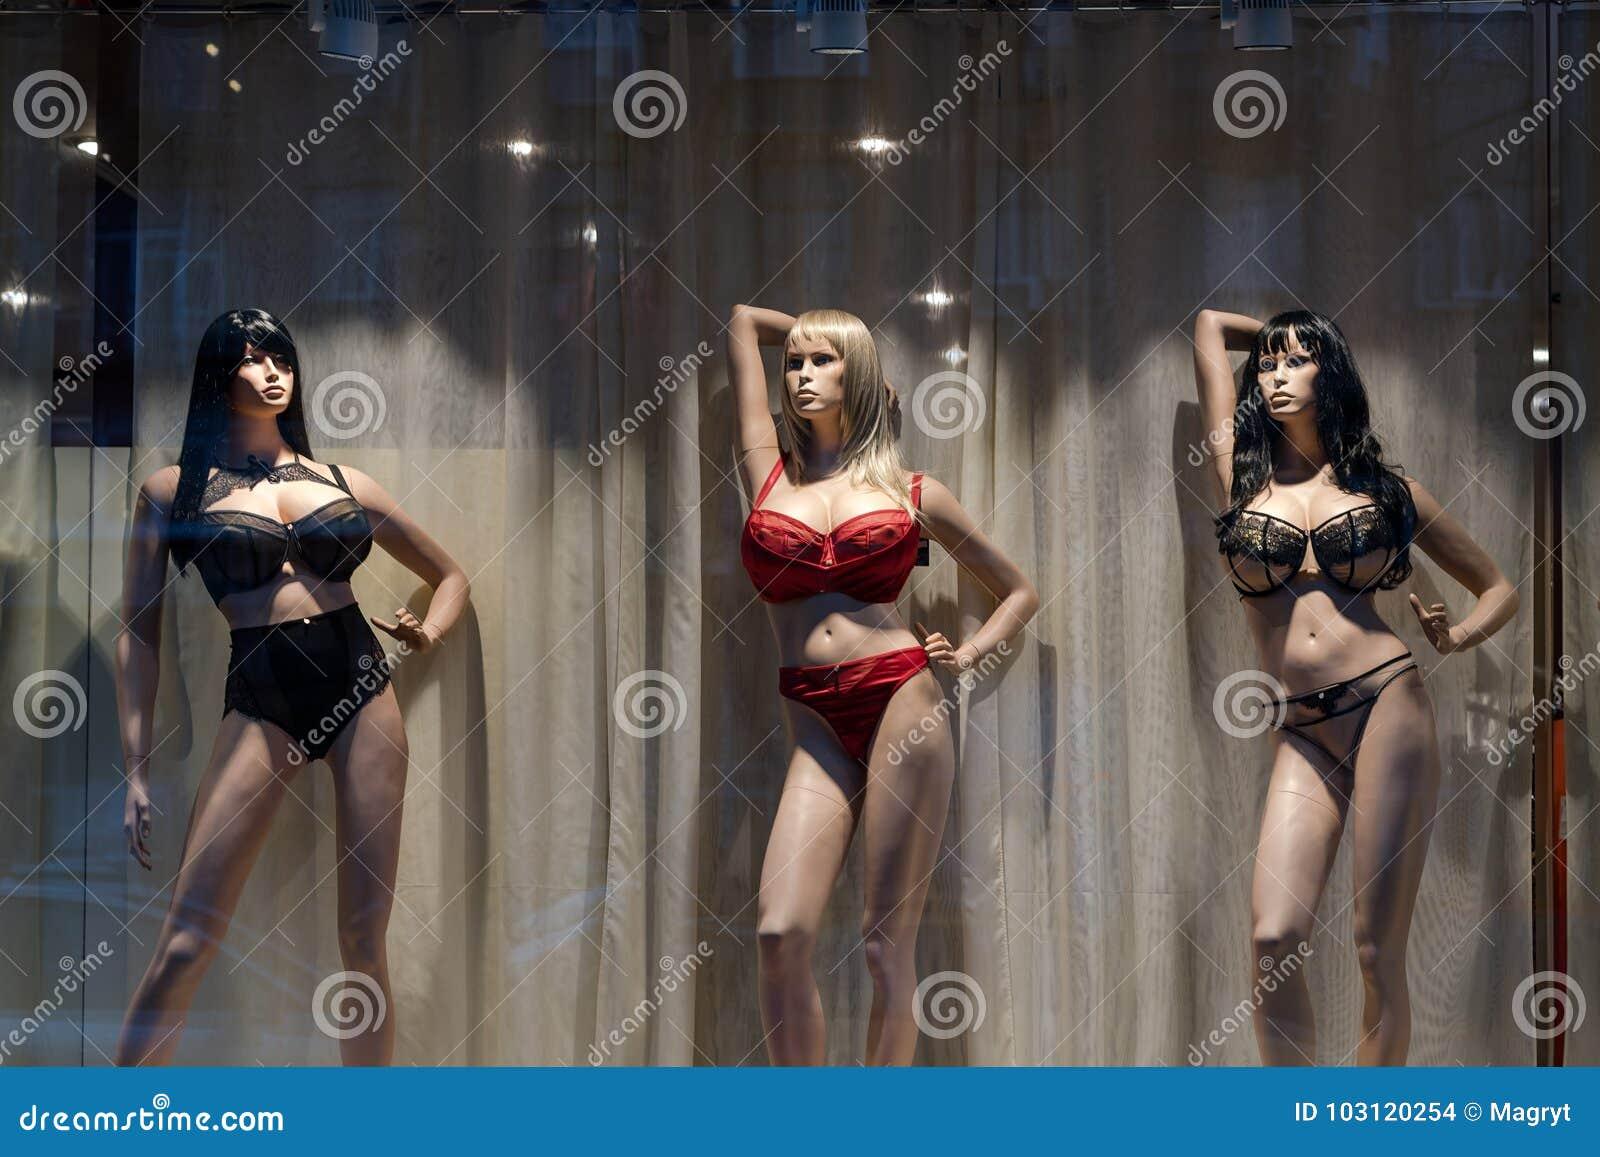 Манекен женское белье женского белья для мужчин